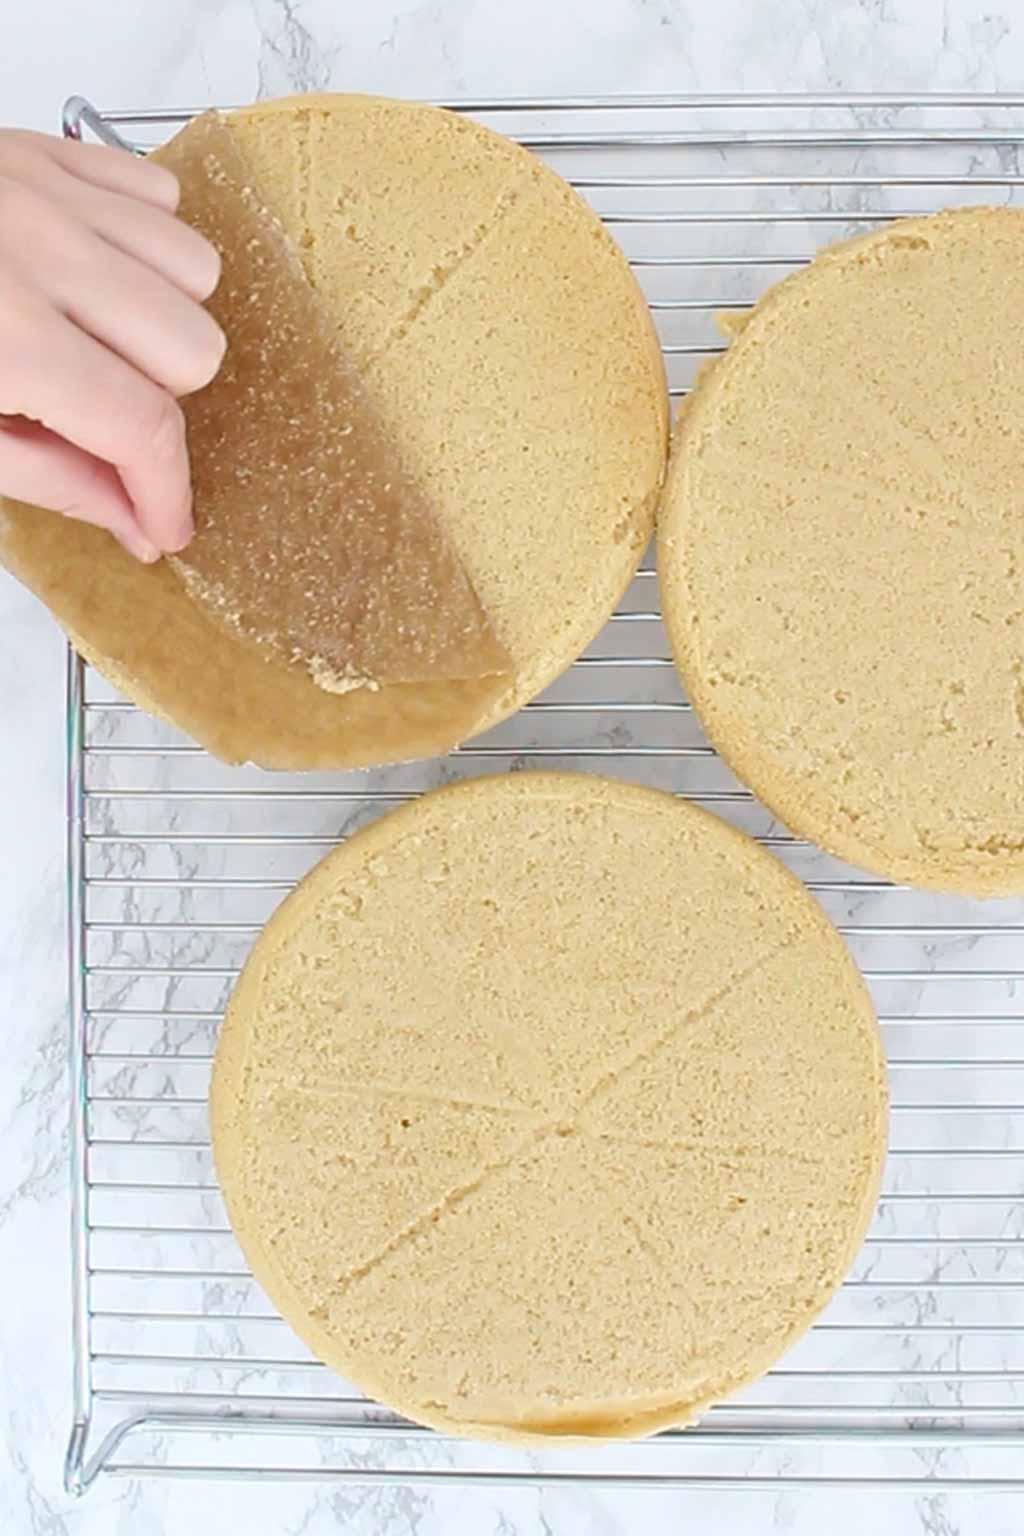 Peeling Baking Paper Off Of Cake